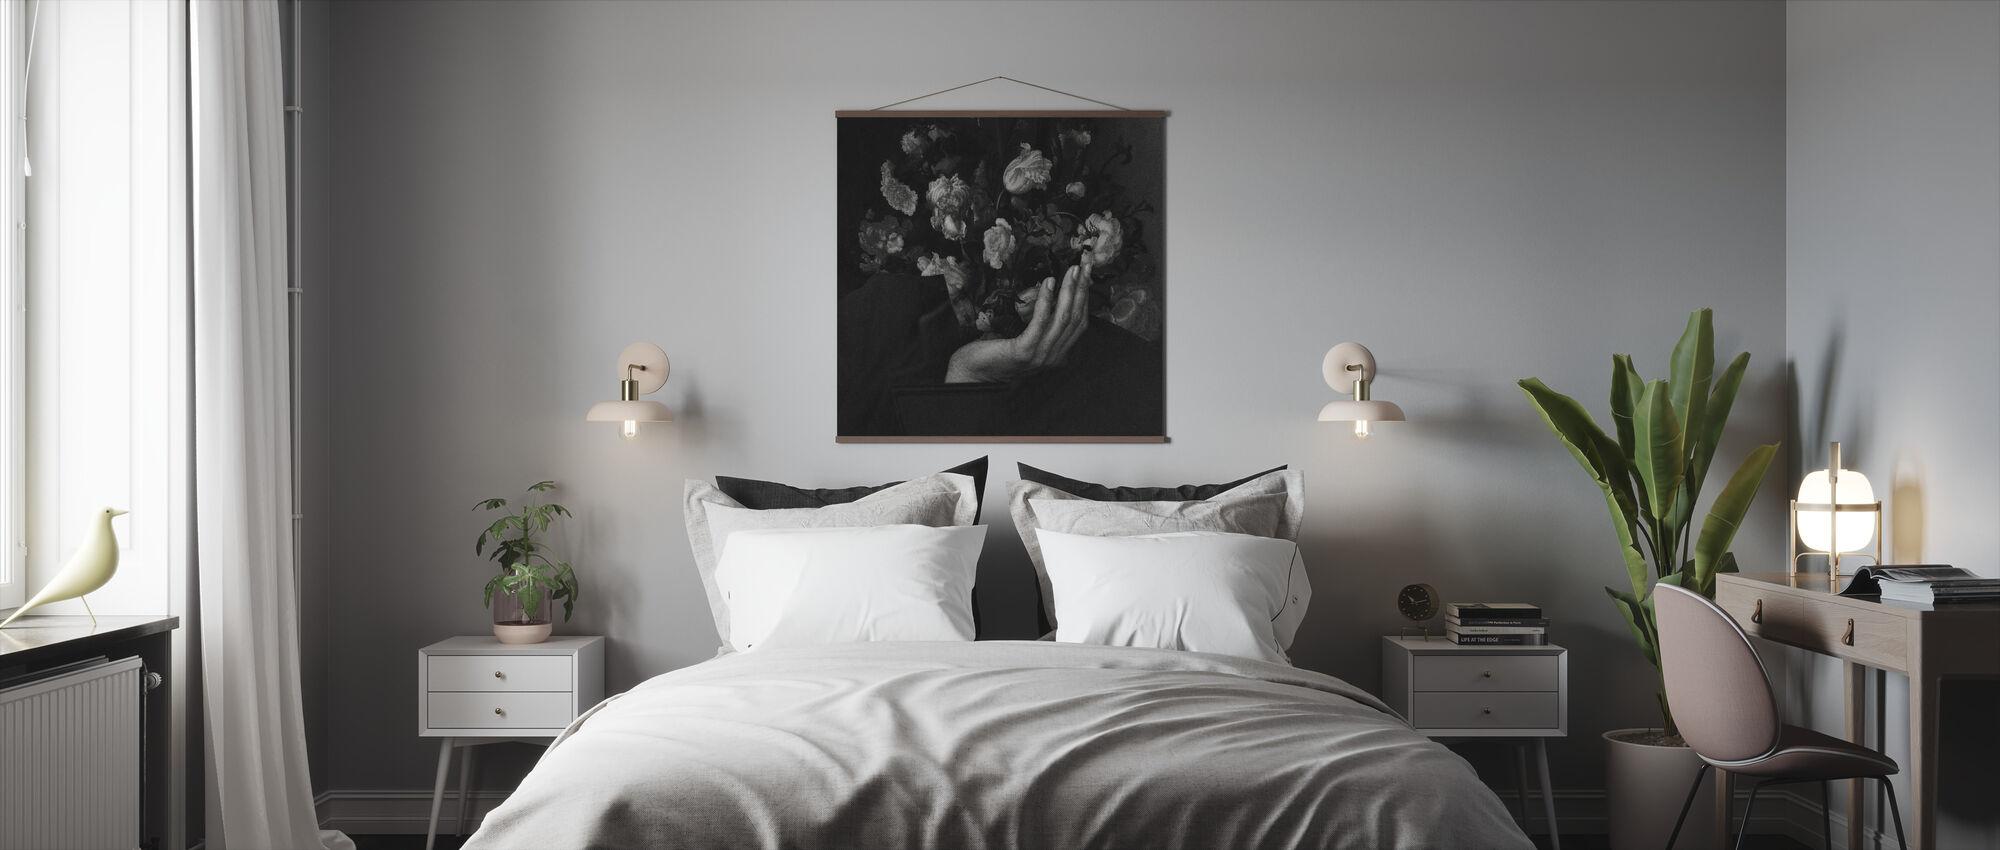 In Bloom II - Poster - Bedroom